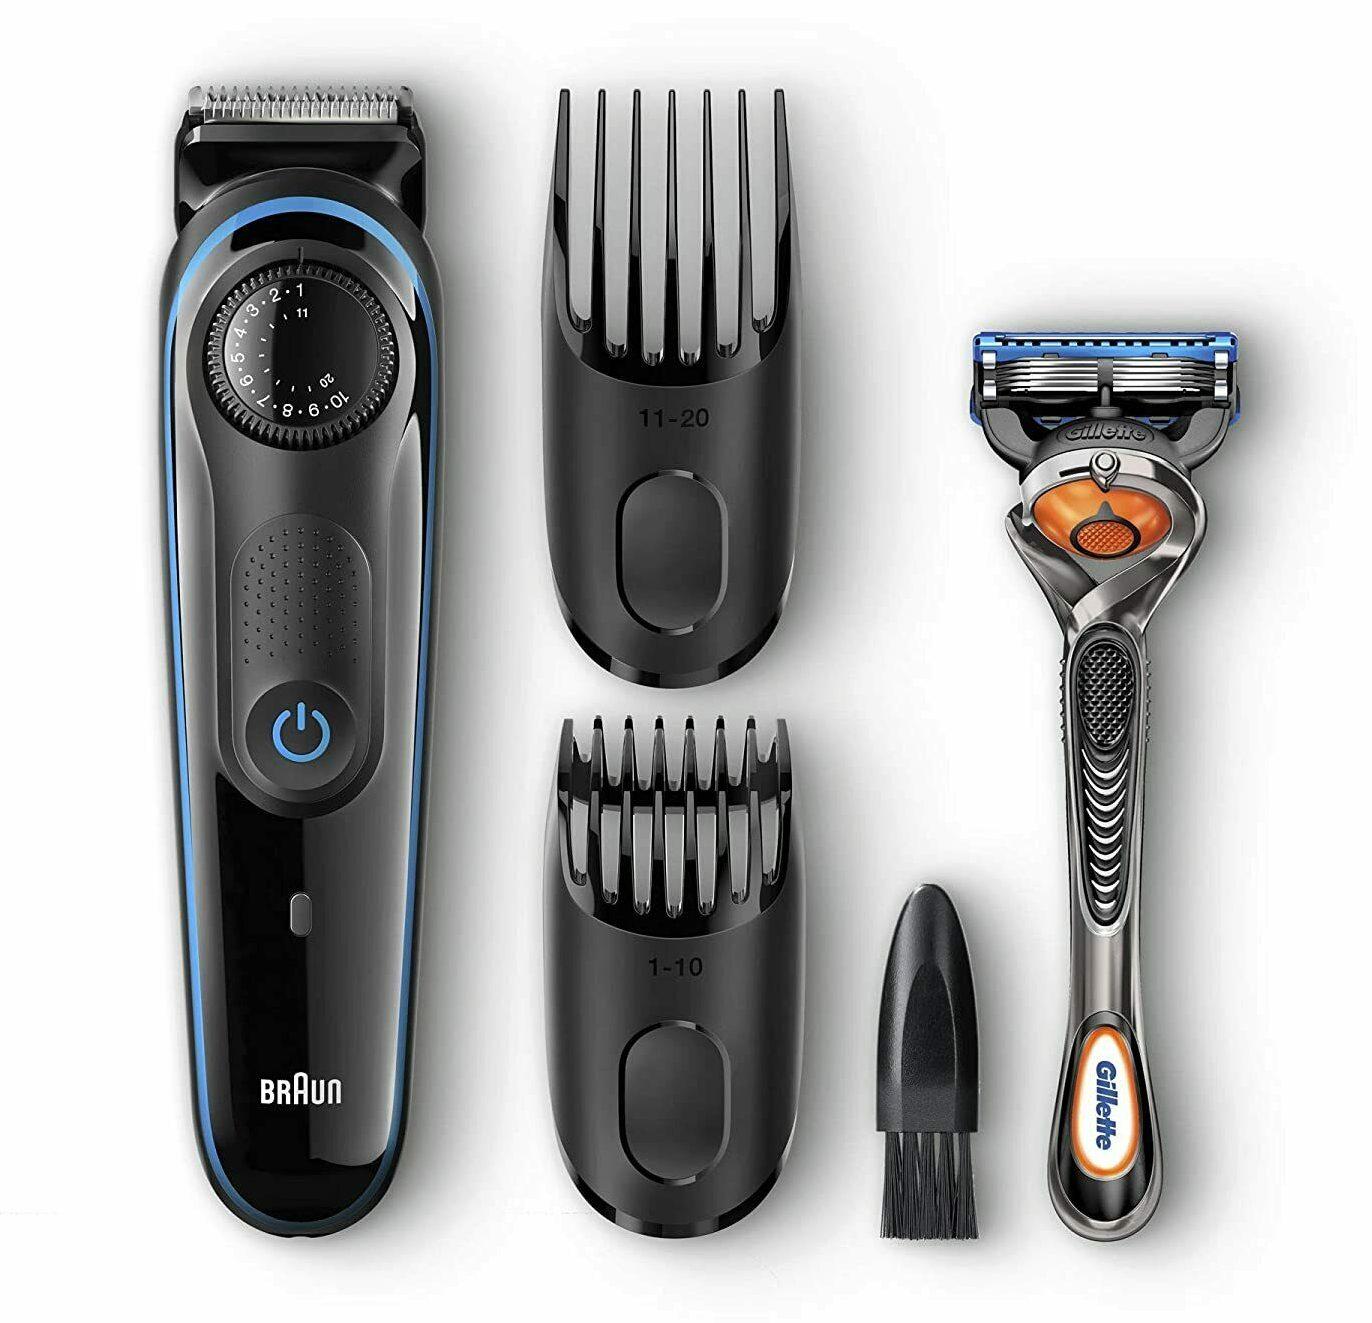 Braun BT3040 Beard Trimmer for Men